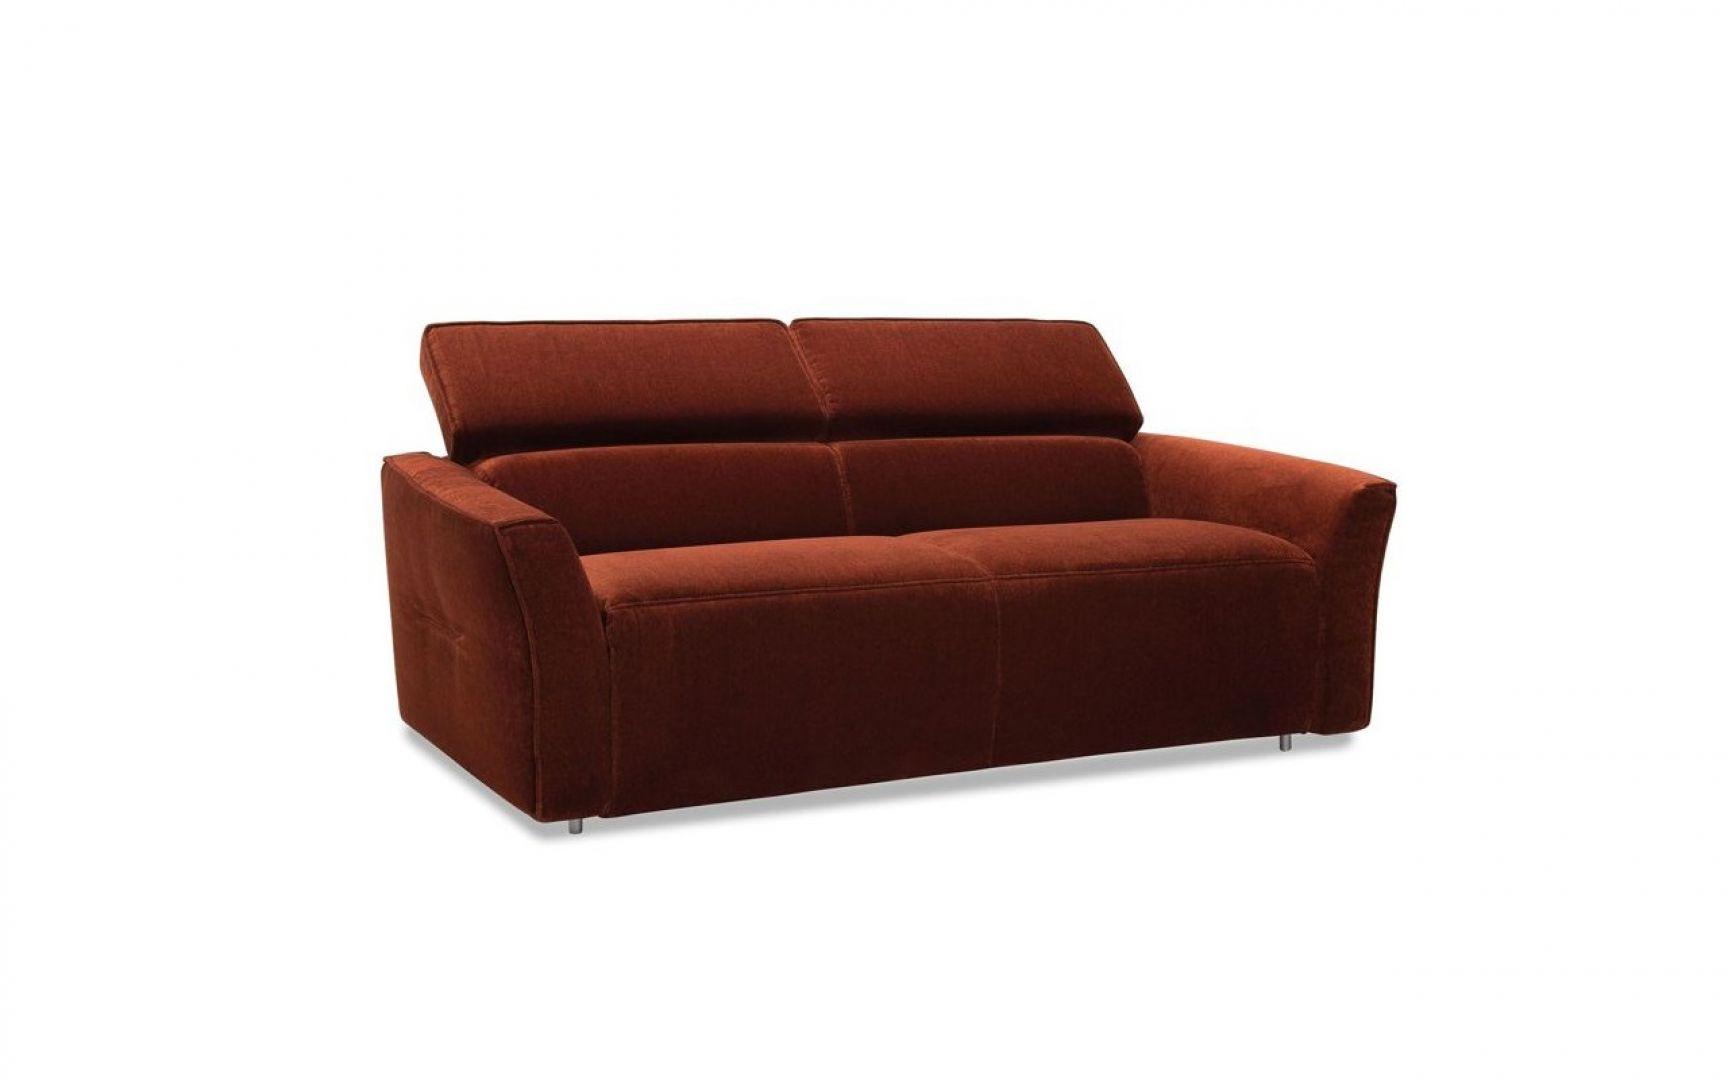 Sofa Nola dostępna jest w trzech szerokościach: 177 cm, 197 cm, 217 cm. Cena od ok. 4.680 zł. Fot. Gala Collezione